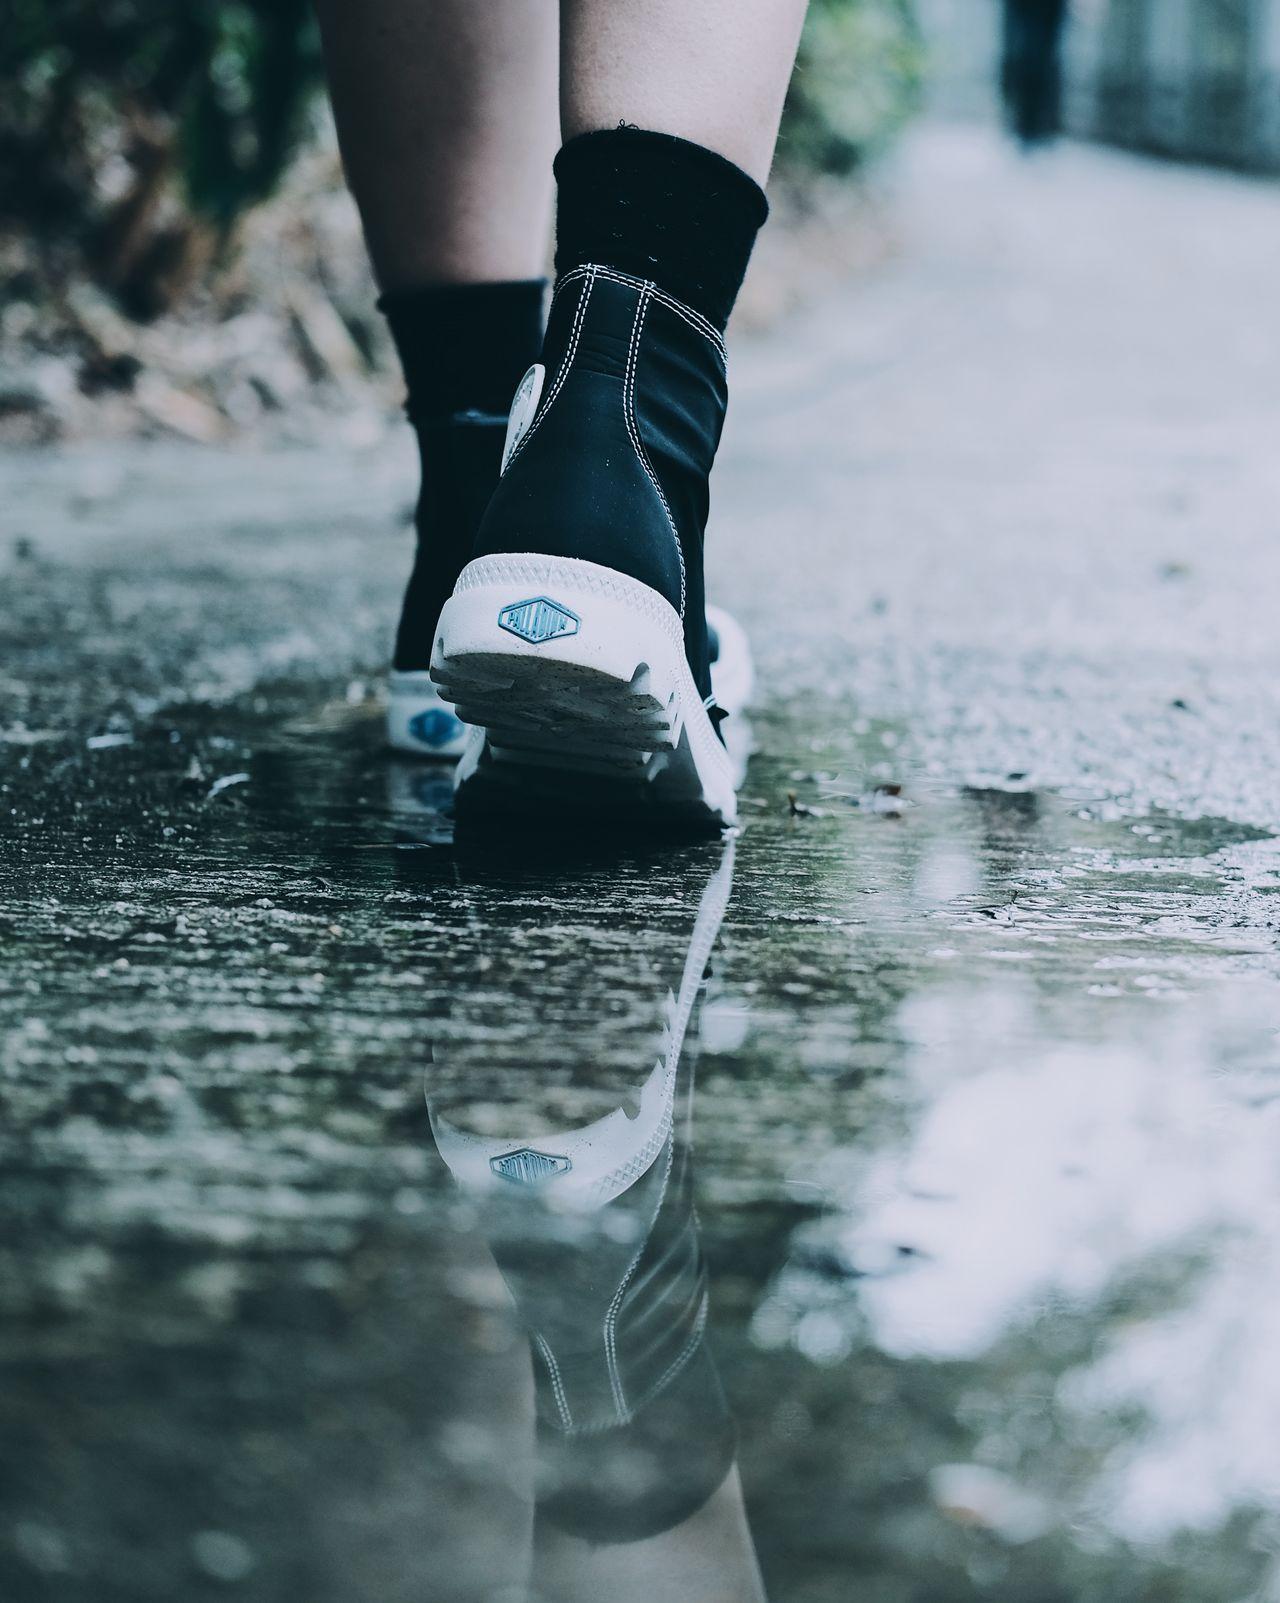 Moody Reflection Filmsimulation Fujifilm FUJIFILM X-T1 Fujifilm_xseries Human Leg Lifestyles Low Section Moody Motion Outdoors Reflection Sports Clothing